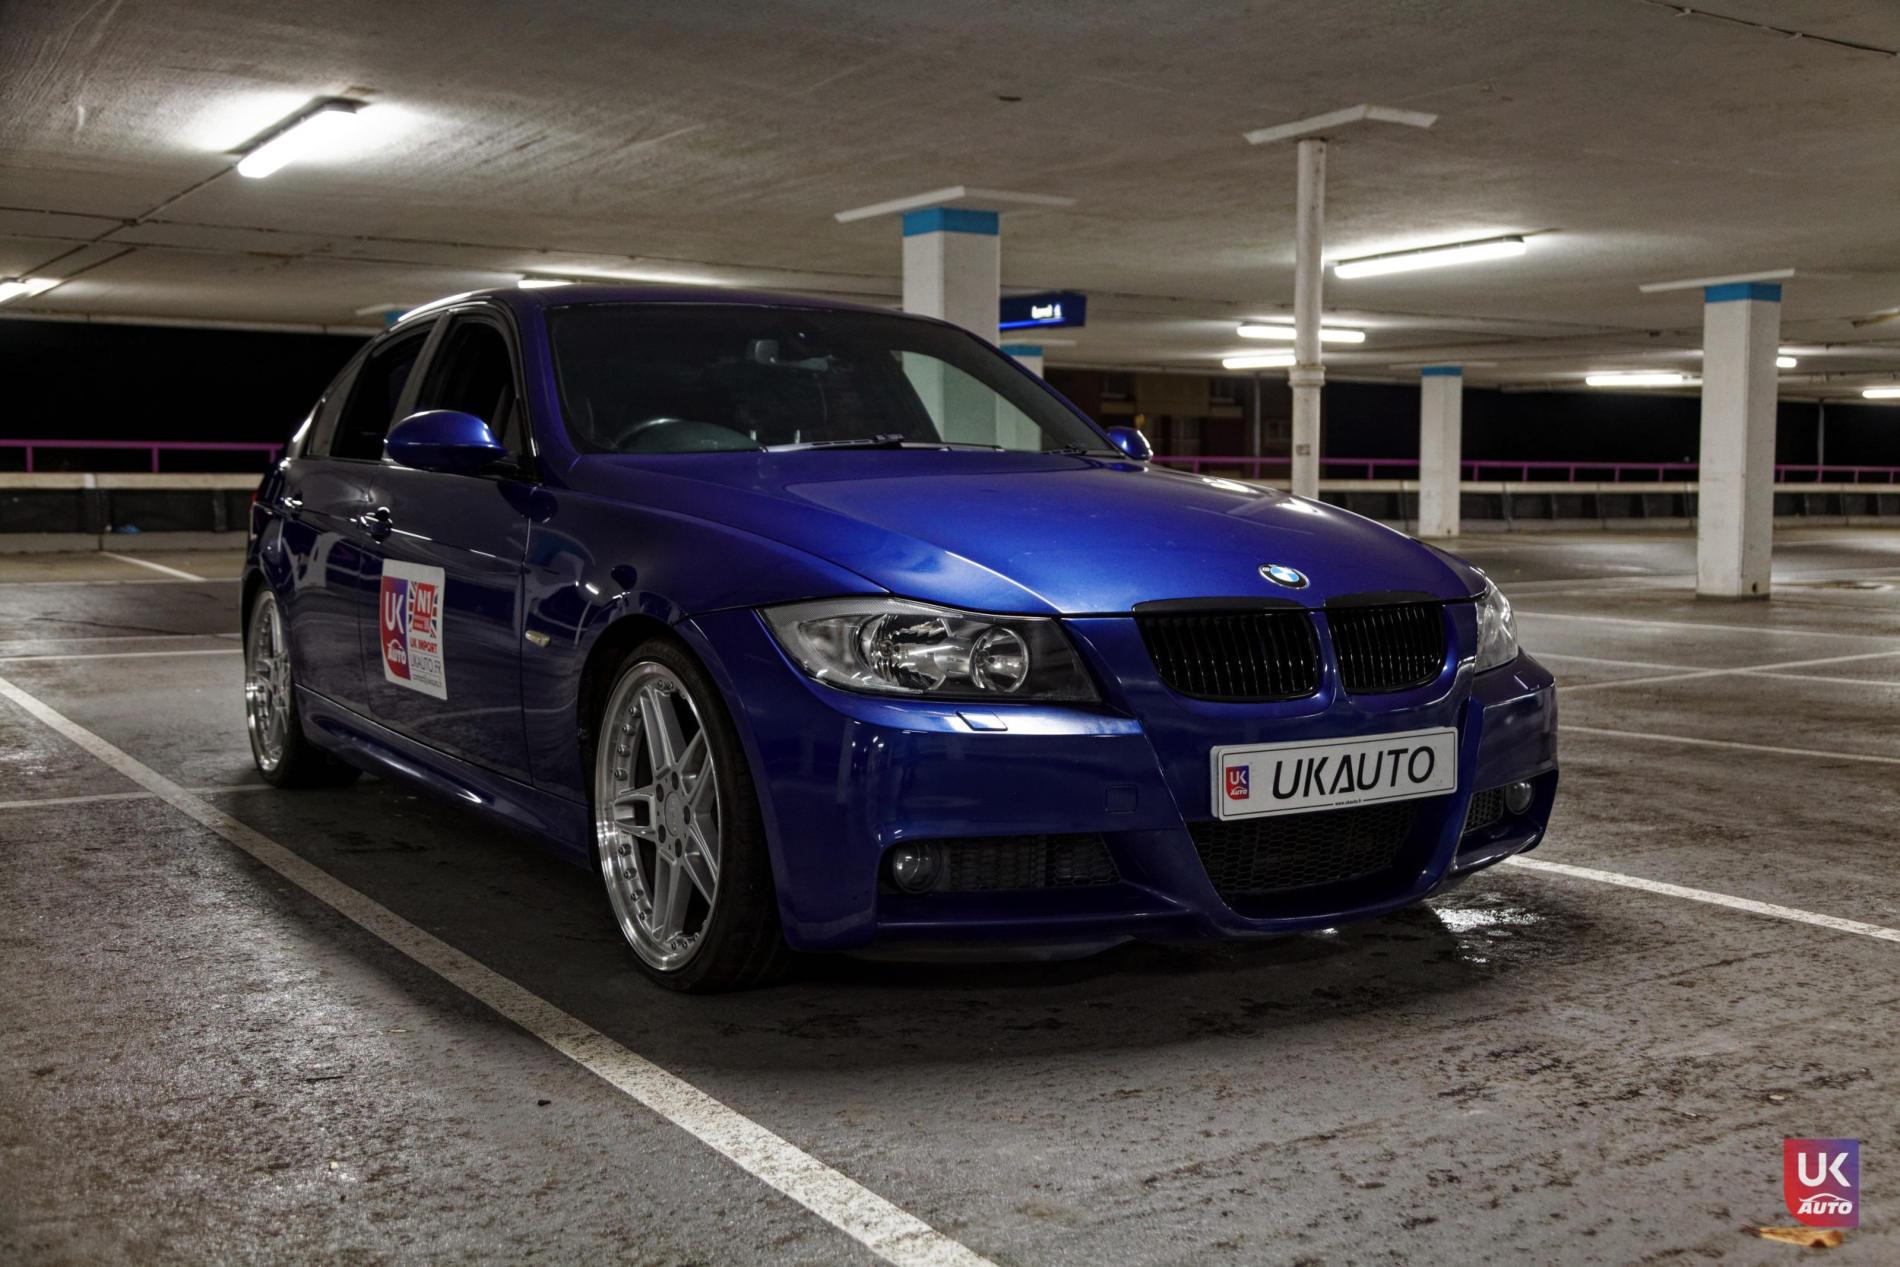 IMPORT BMW 330I LIVRAISON BMW EN FRANCE RHD PAR UKAUTO MANDATAIRE BMW AUTO PAS CHER PAR UKAUTO1 - IMPORT BMW 330I LIVRAISON BMW EN FRANCE RHD PAR UKAUTO MANDATAIRE BMW AUTO PAS CHER PAR UKAUTO